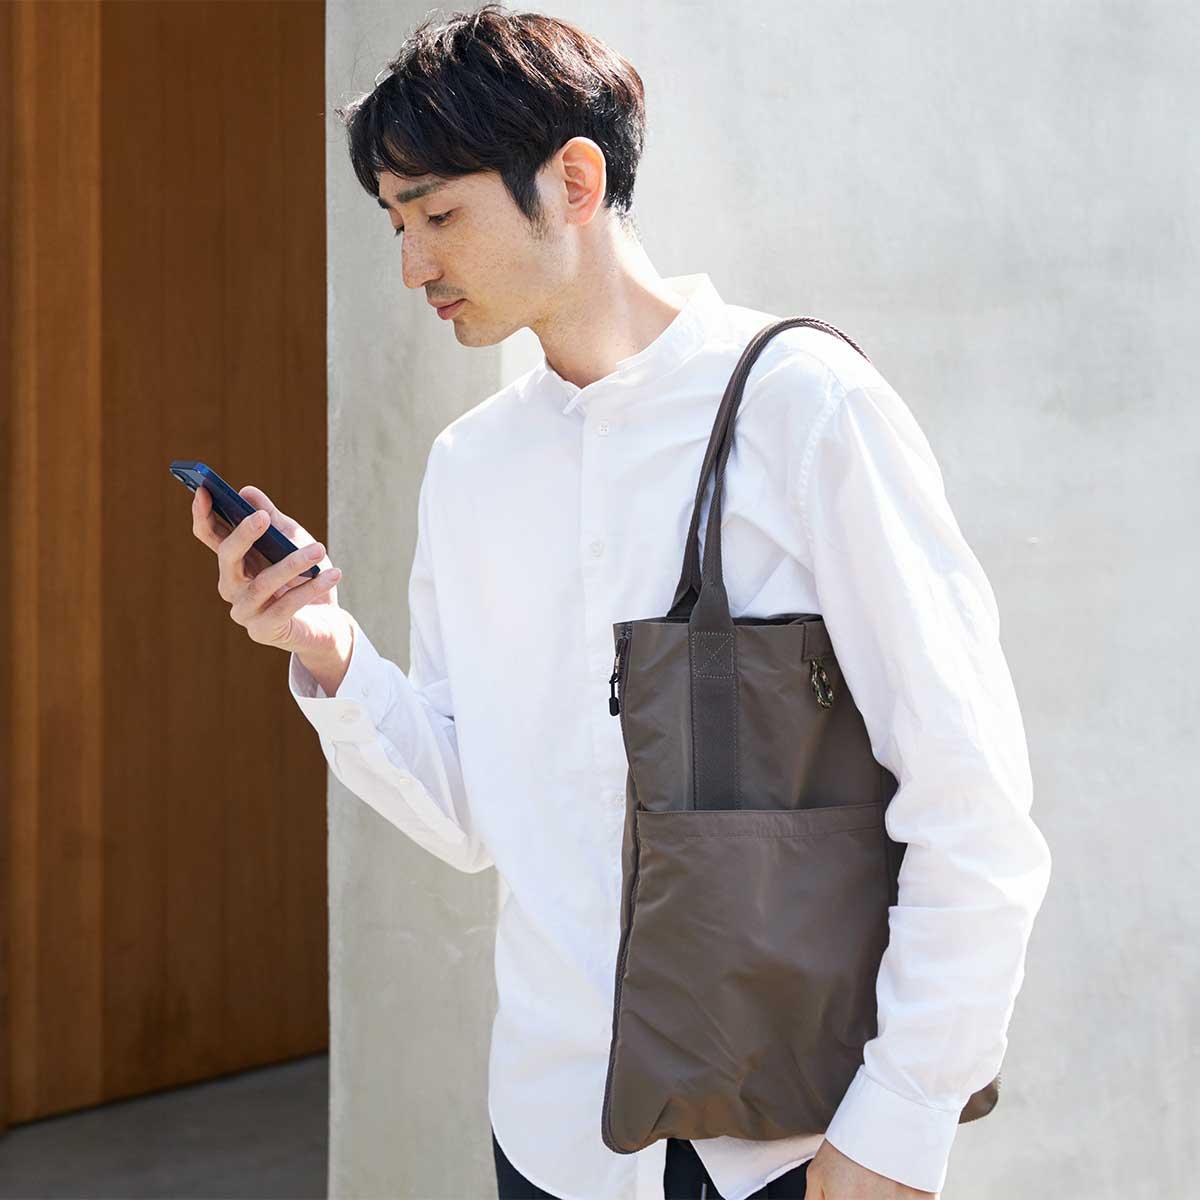 おしゃれで機能的な2WAYバッグ。薄型トートバッグが大容量バッグに変身するバッグ|WARPトランスフォームジッパーバッグ